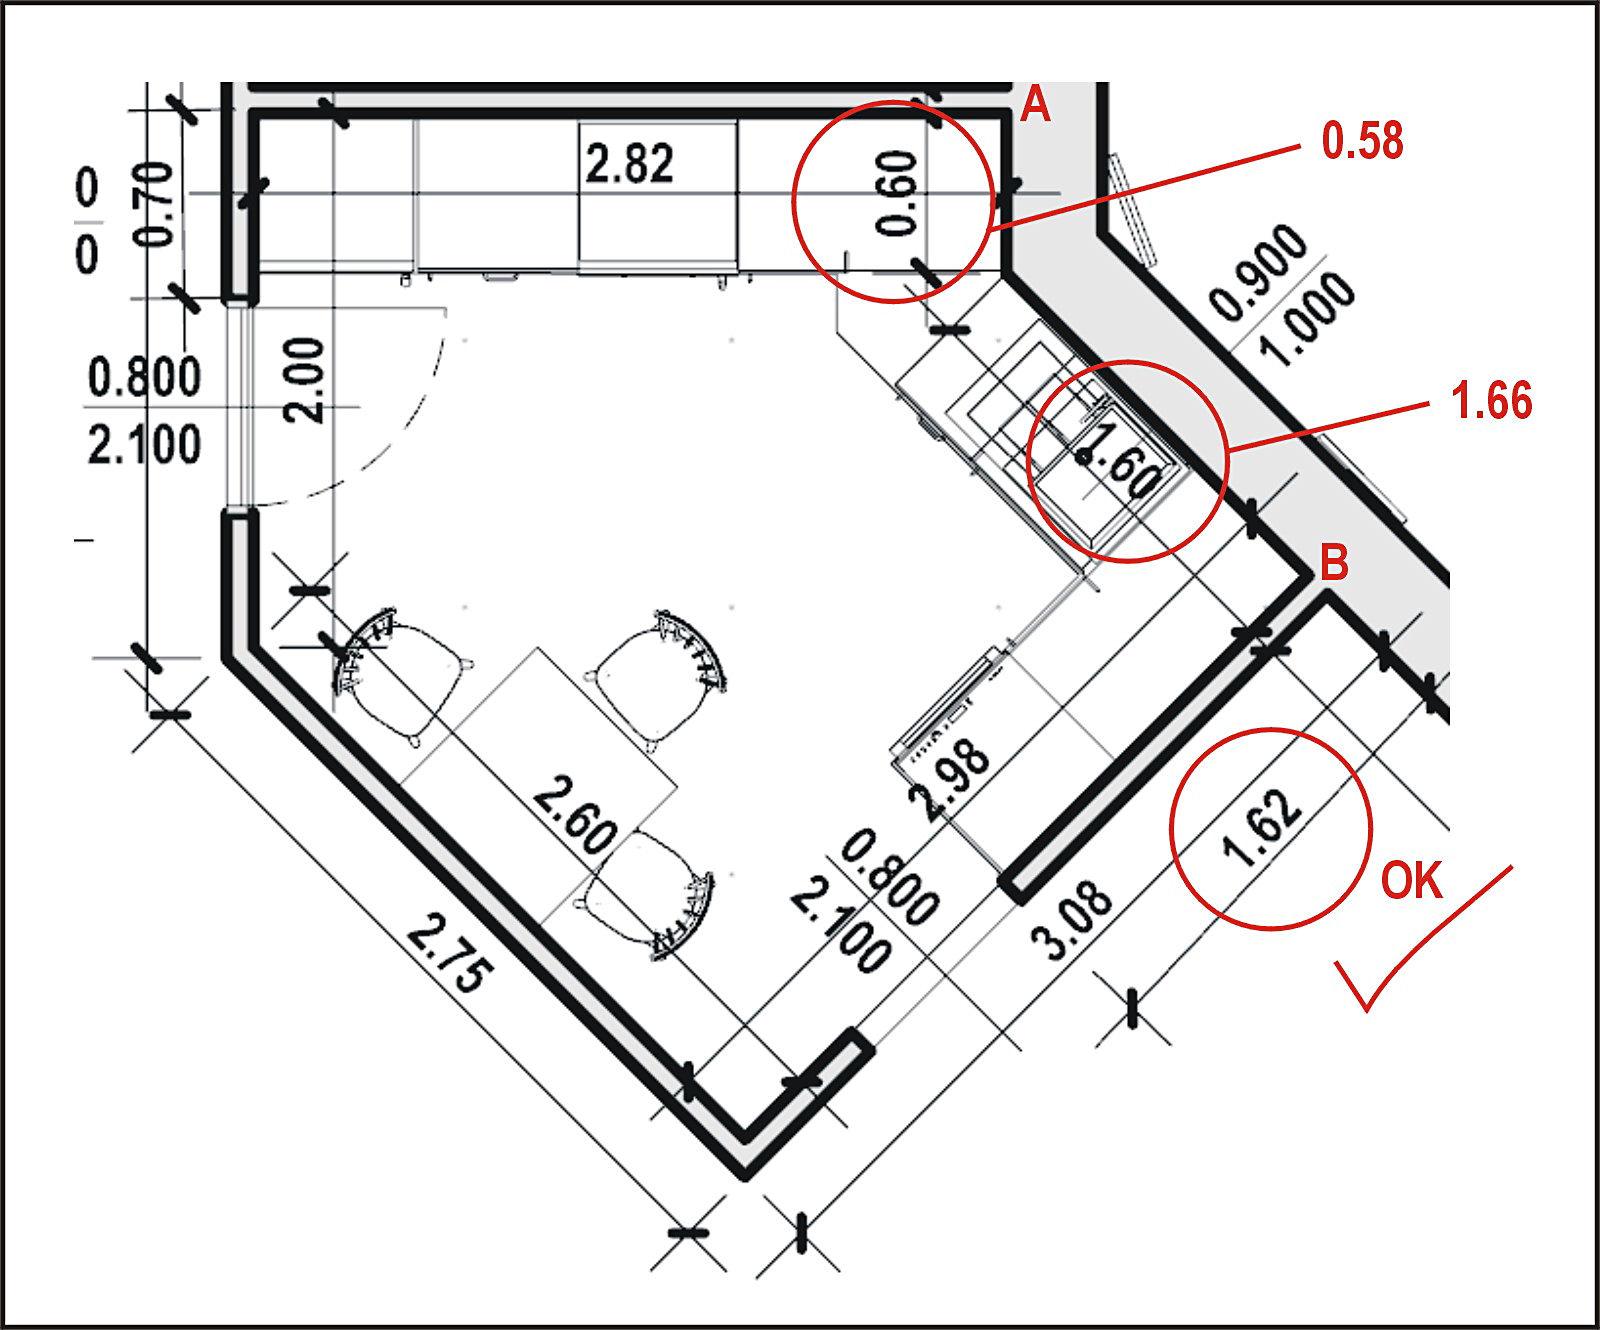 house electrical wiring diagram uk kenwood kdc x395 kitchen  readingrat